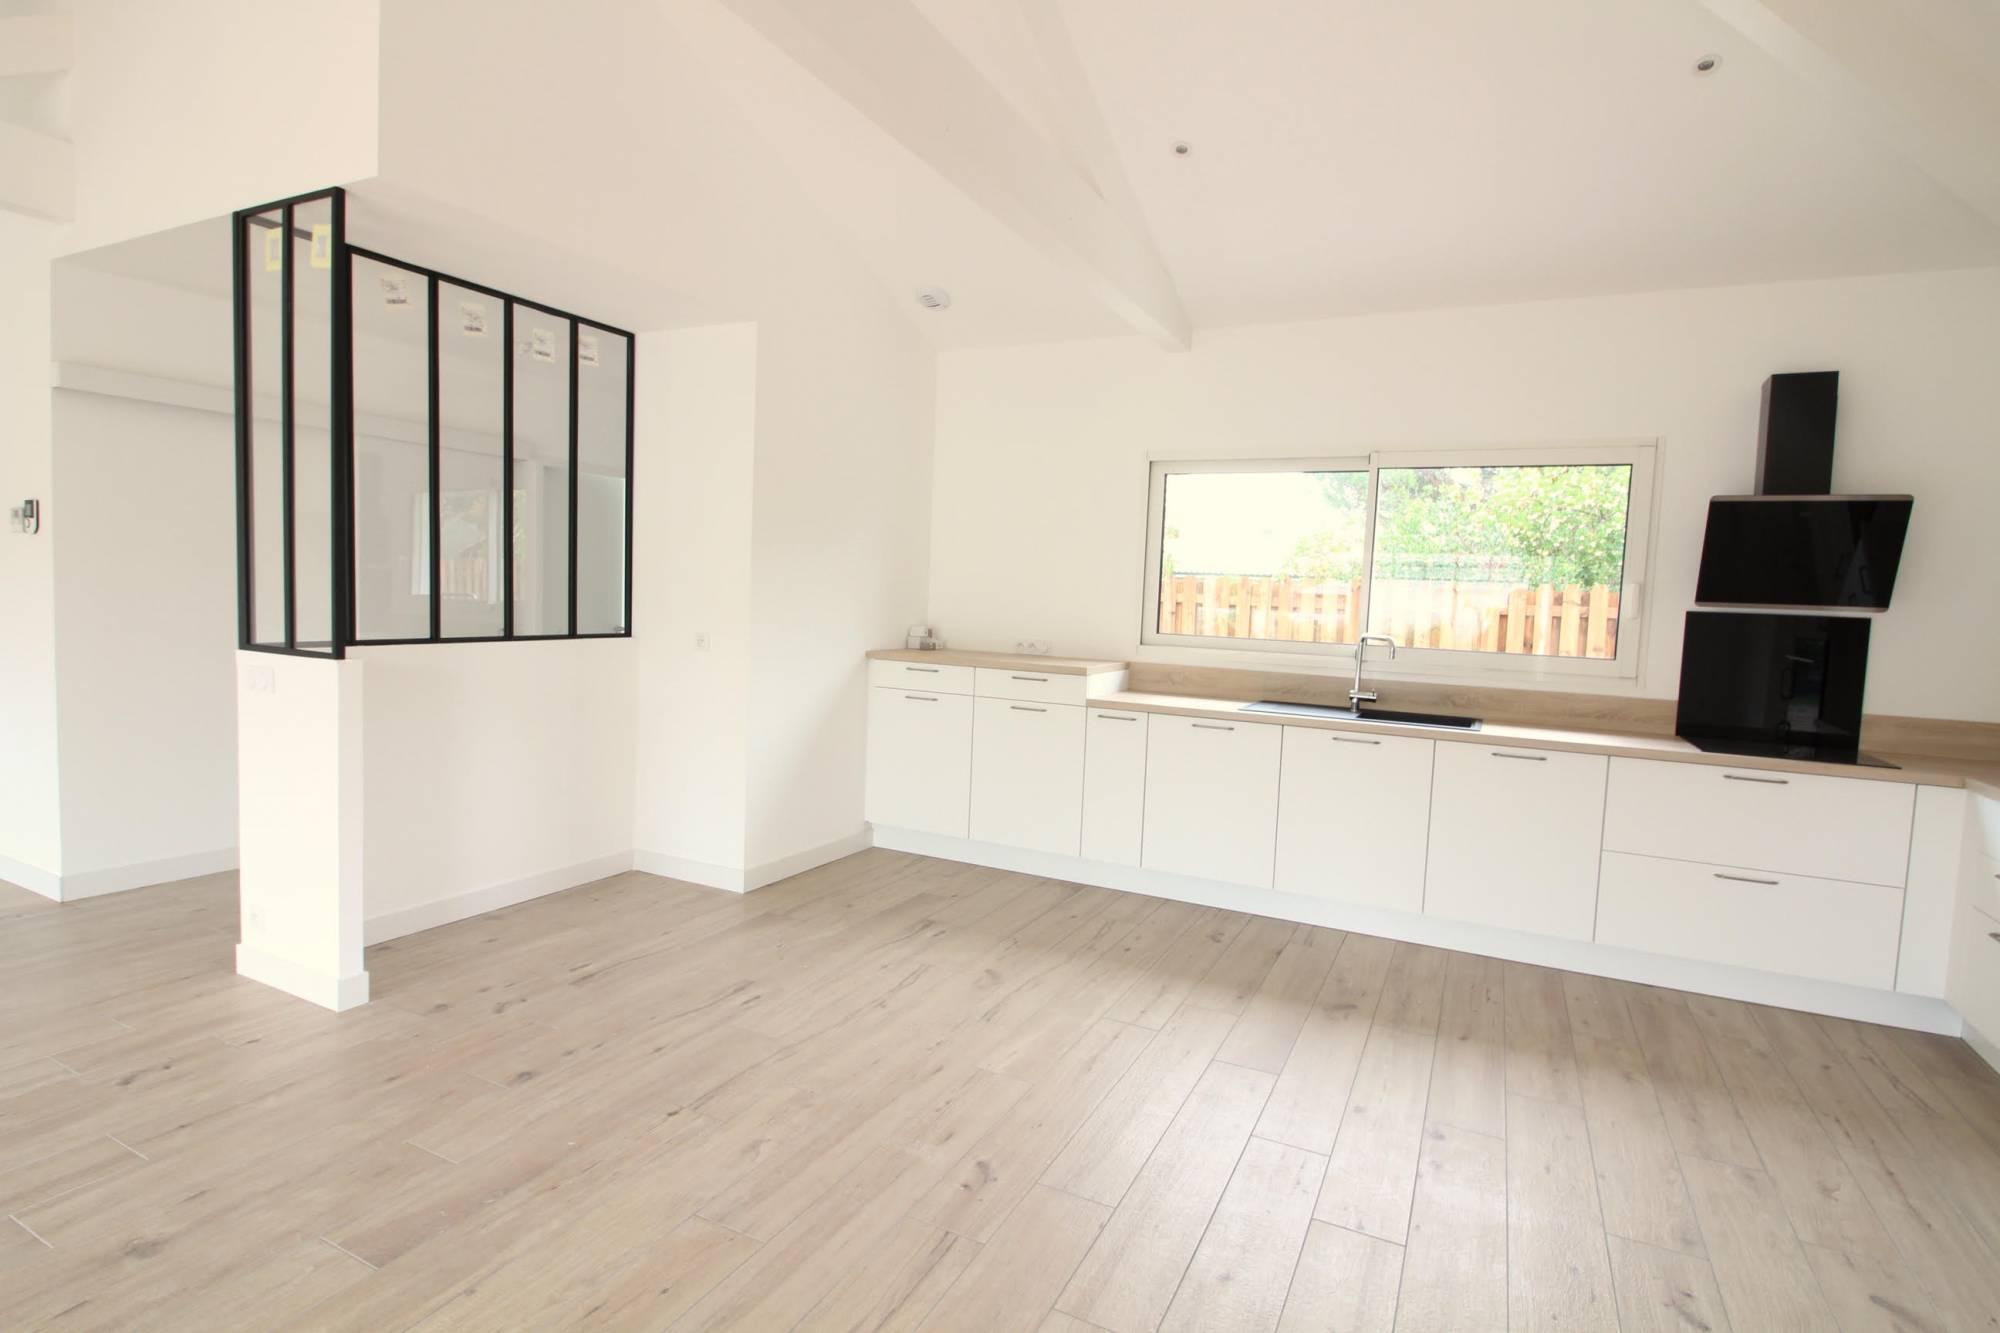 Maison moderne plain pied 3-4 chambres avec piscine à vendre LA HUME GUJAN-MESTRAS - Coldwell Banker